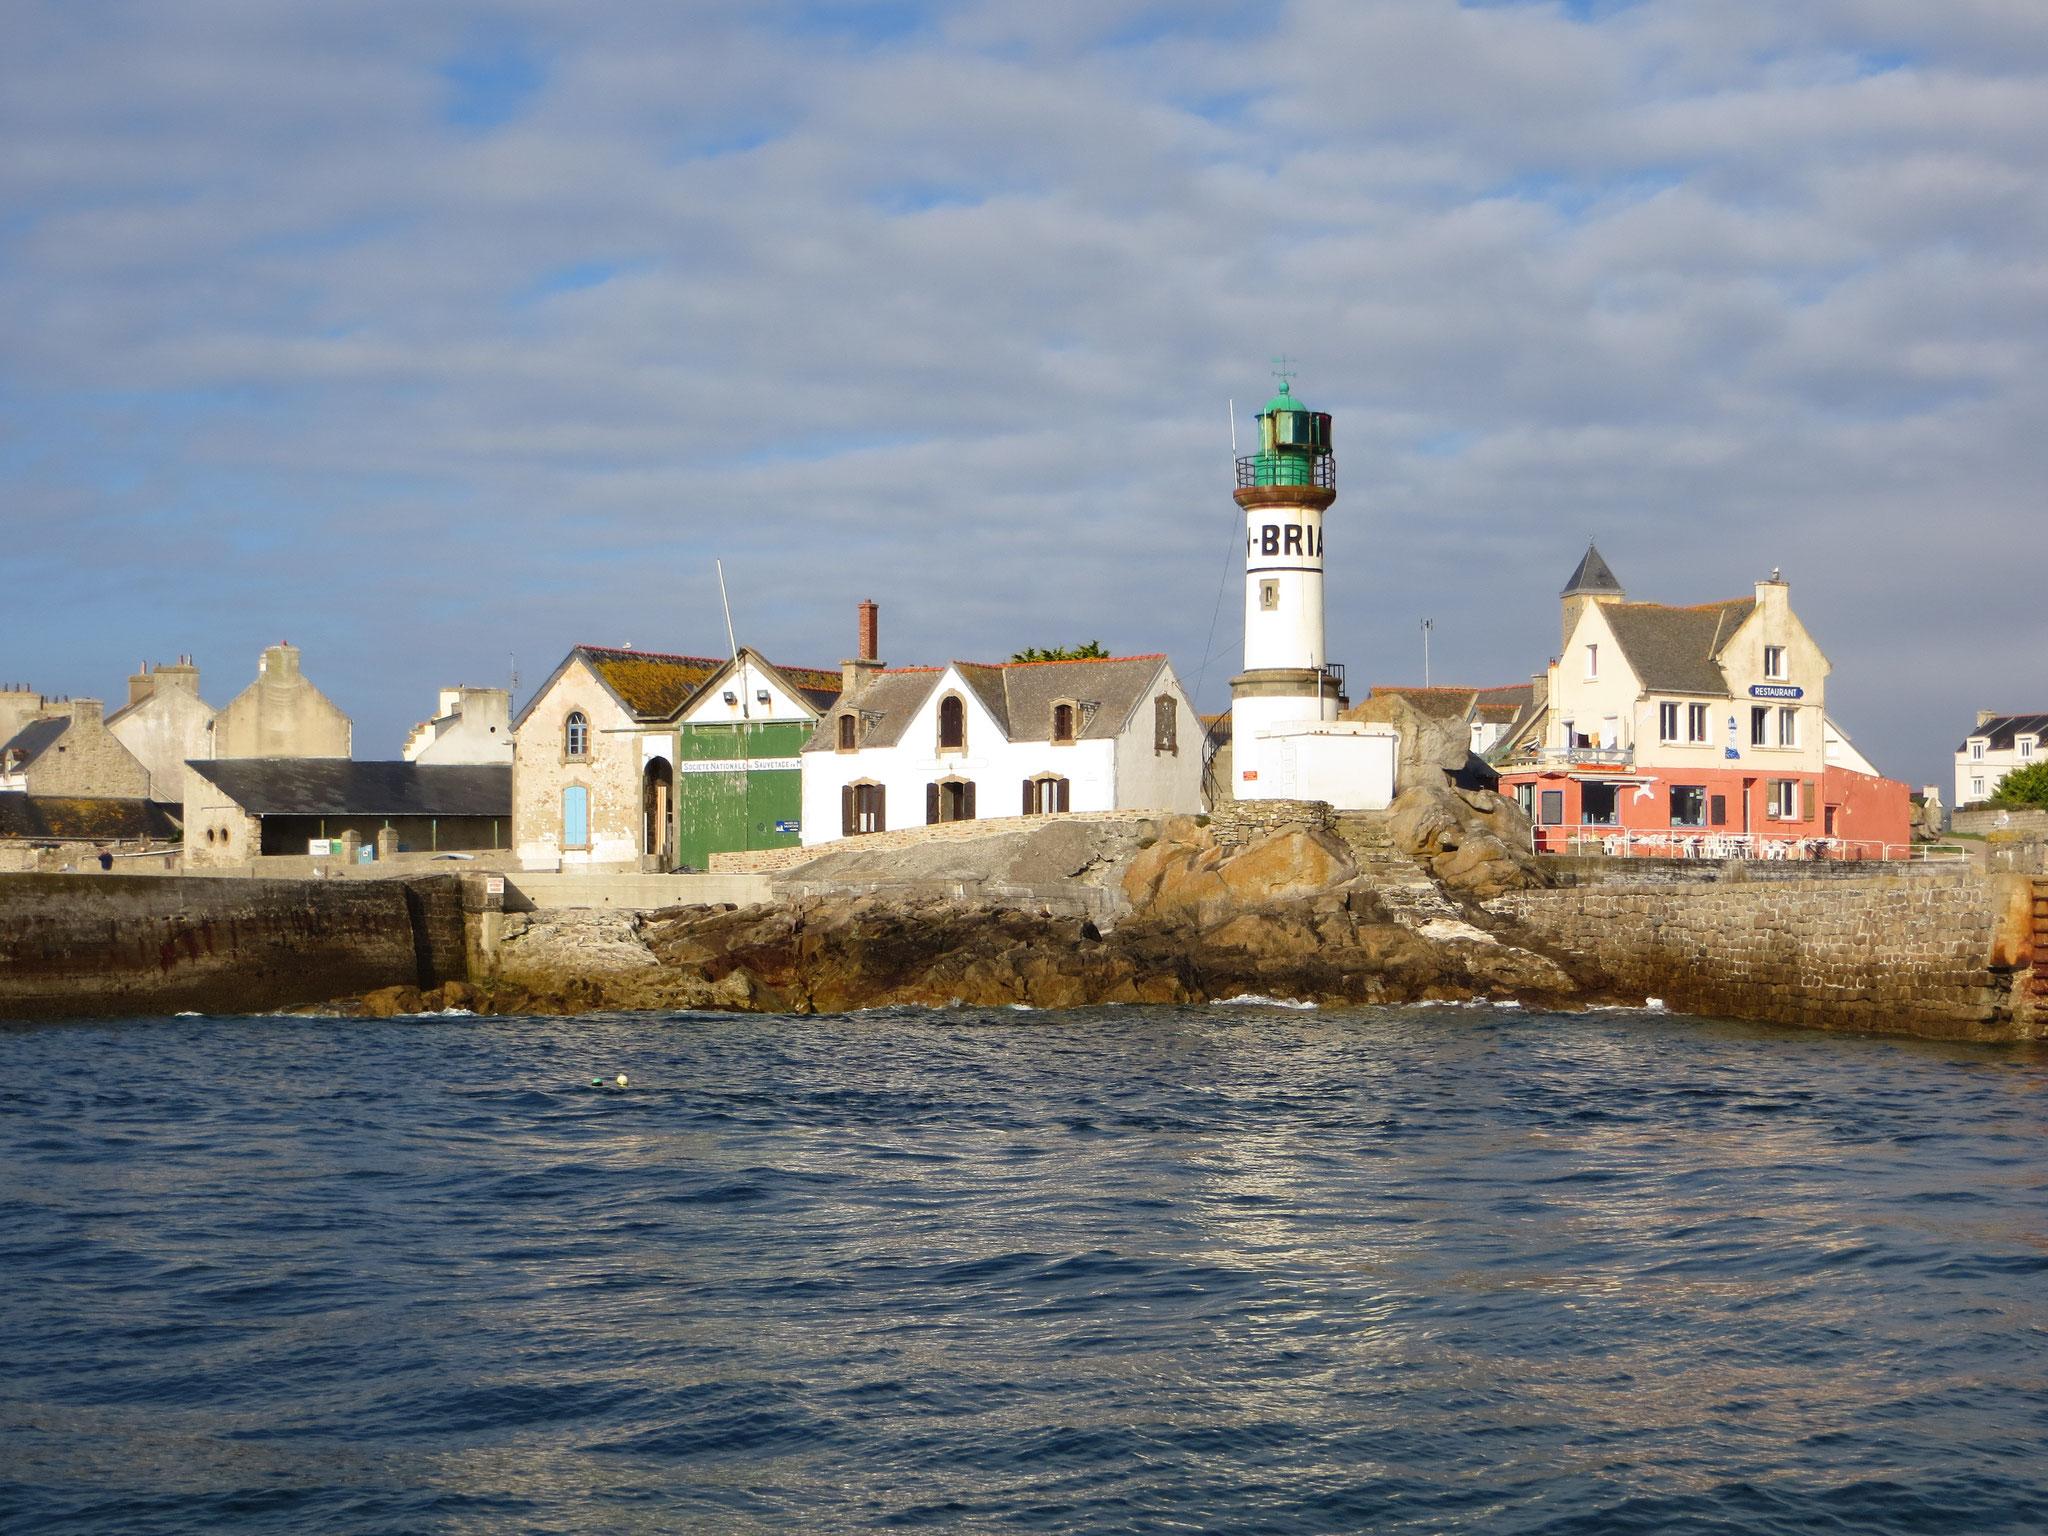 Die Ile de Sein in der West-Bretagne wird nur selten von Seglern angelaufen wegen der zahlreichen Untiefen in der Ansteuerung